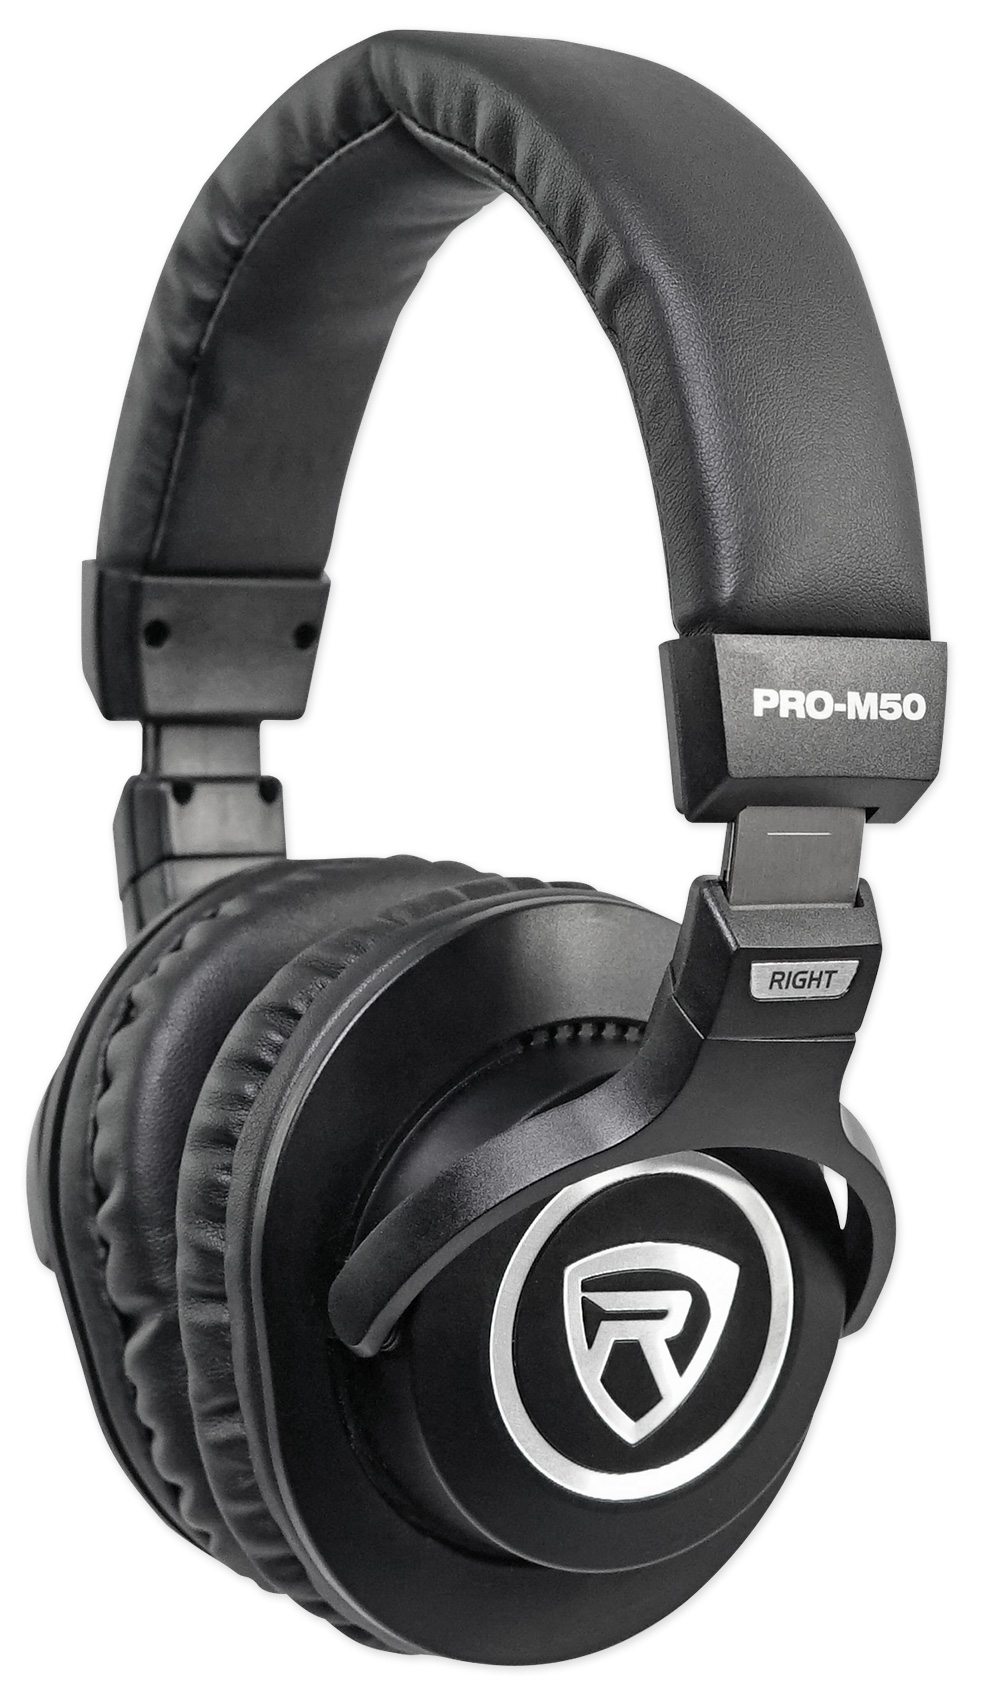 Rockville Pro-M50